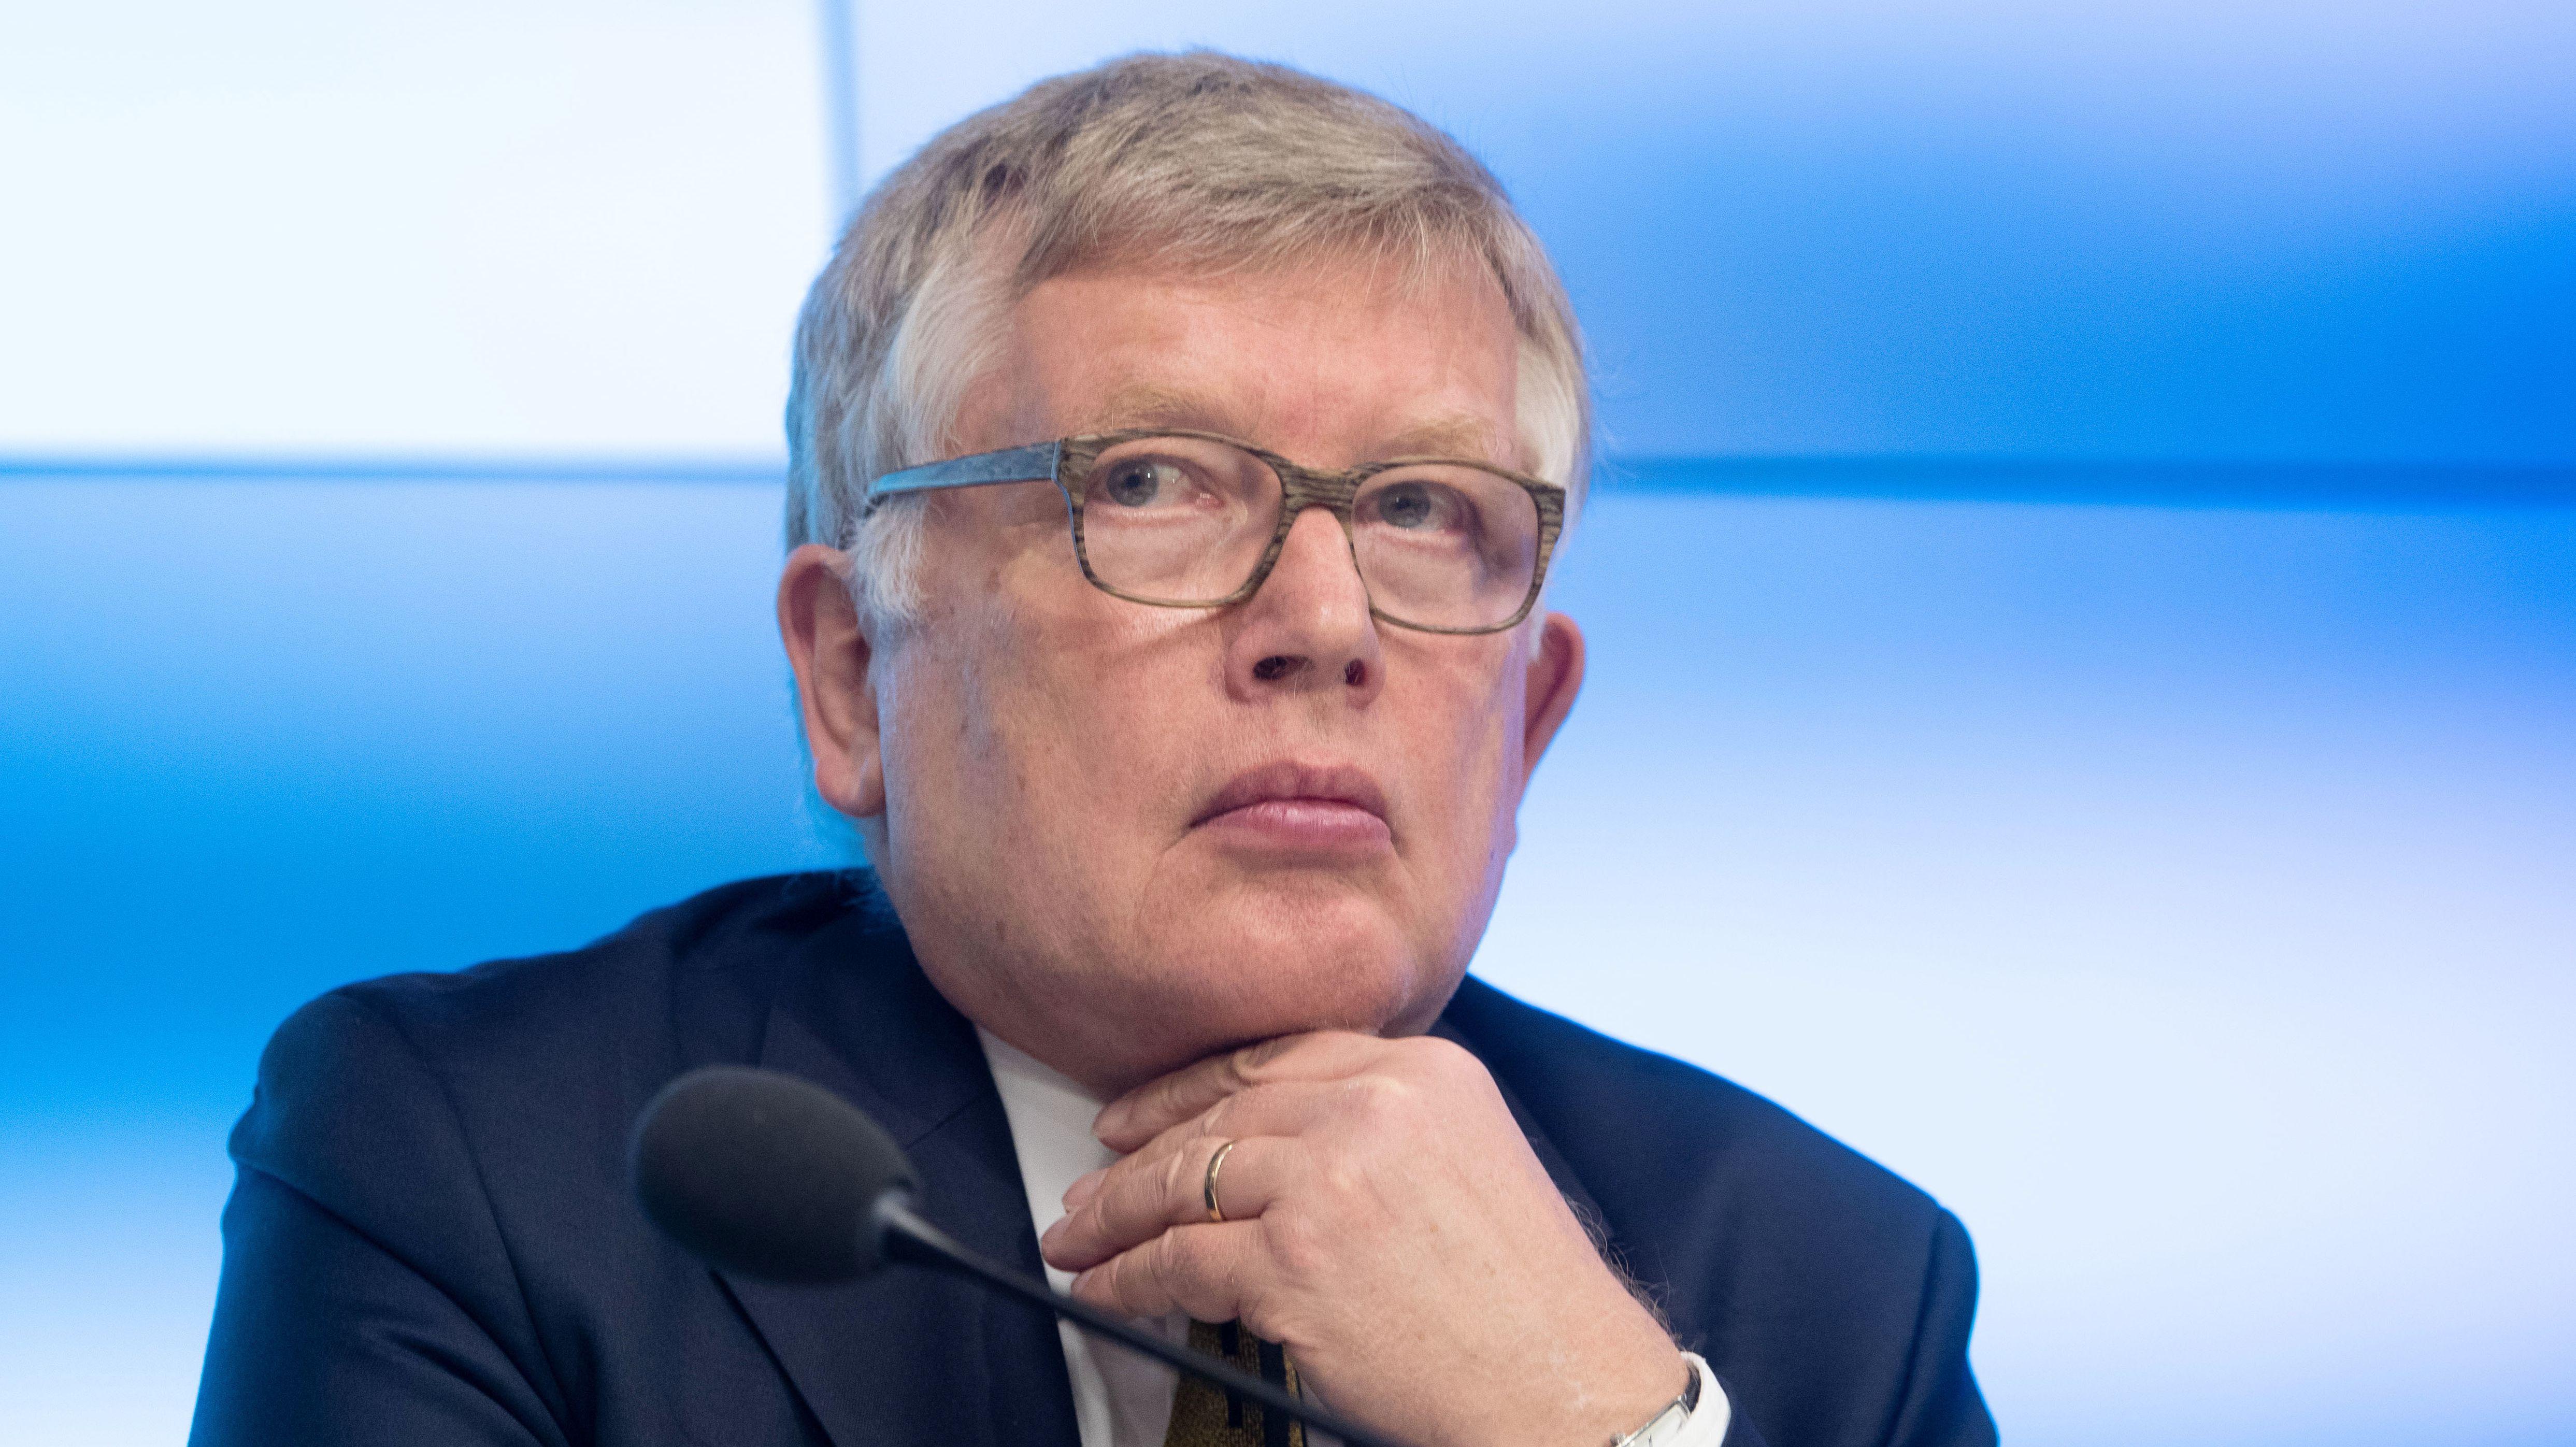 Joachim Wieland, Verfassungsrechtler, aufgenommen während einer Pressekonferenz.